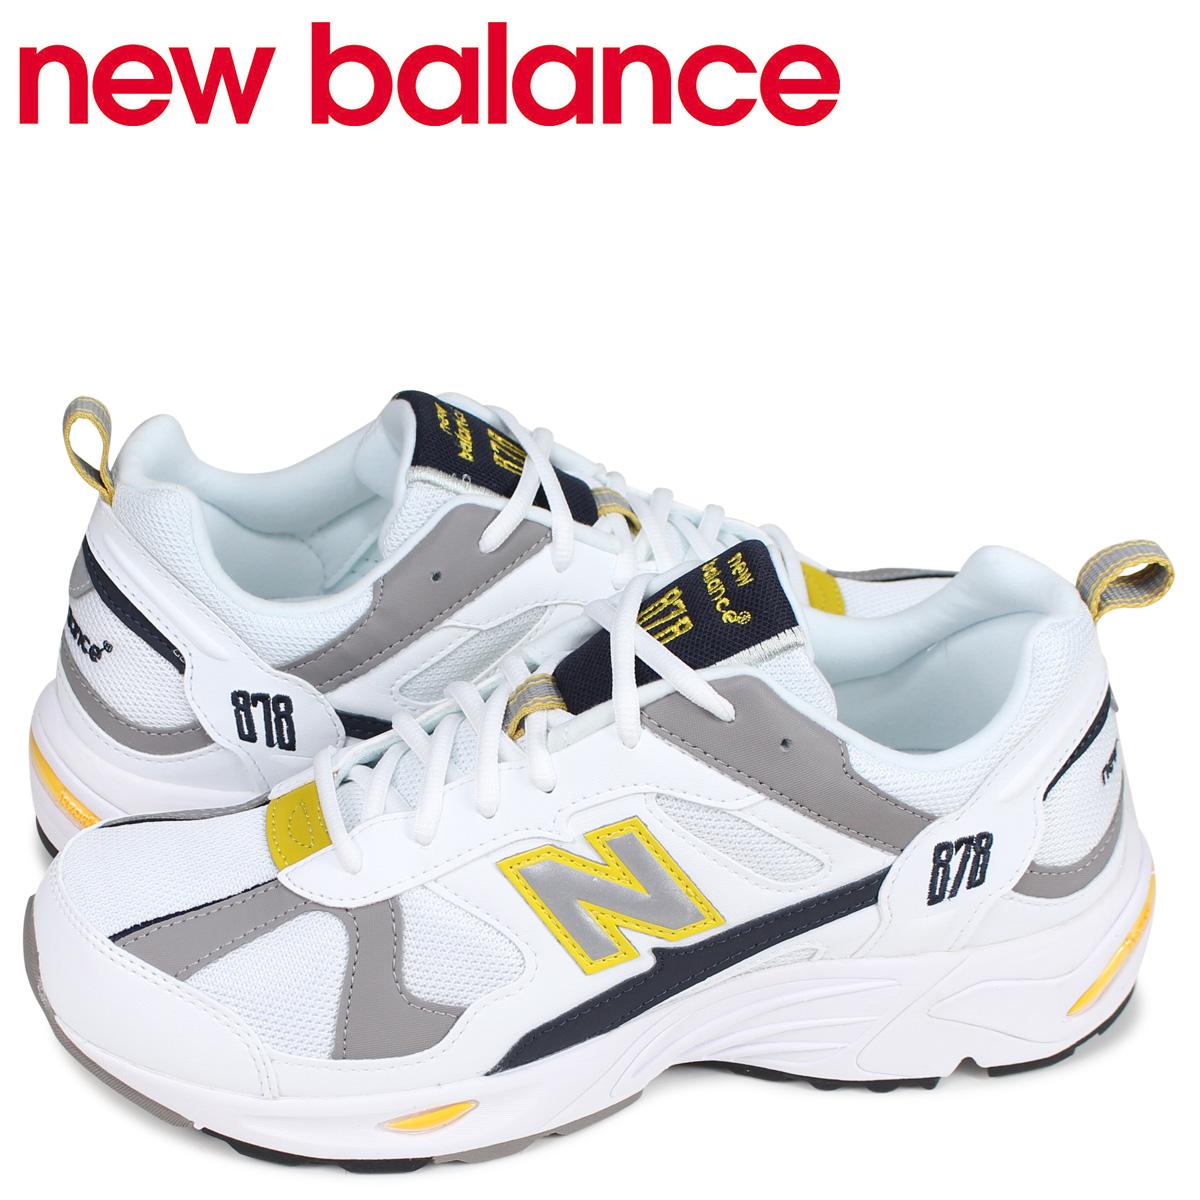 ニューバランス new balance スニーカー メンズ Dワイズ ホワイト 白 CM878TCA